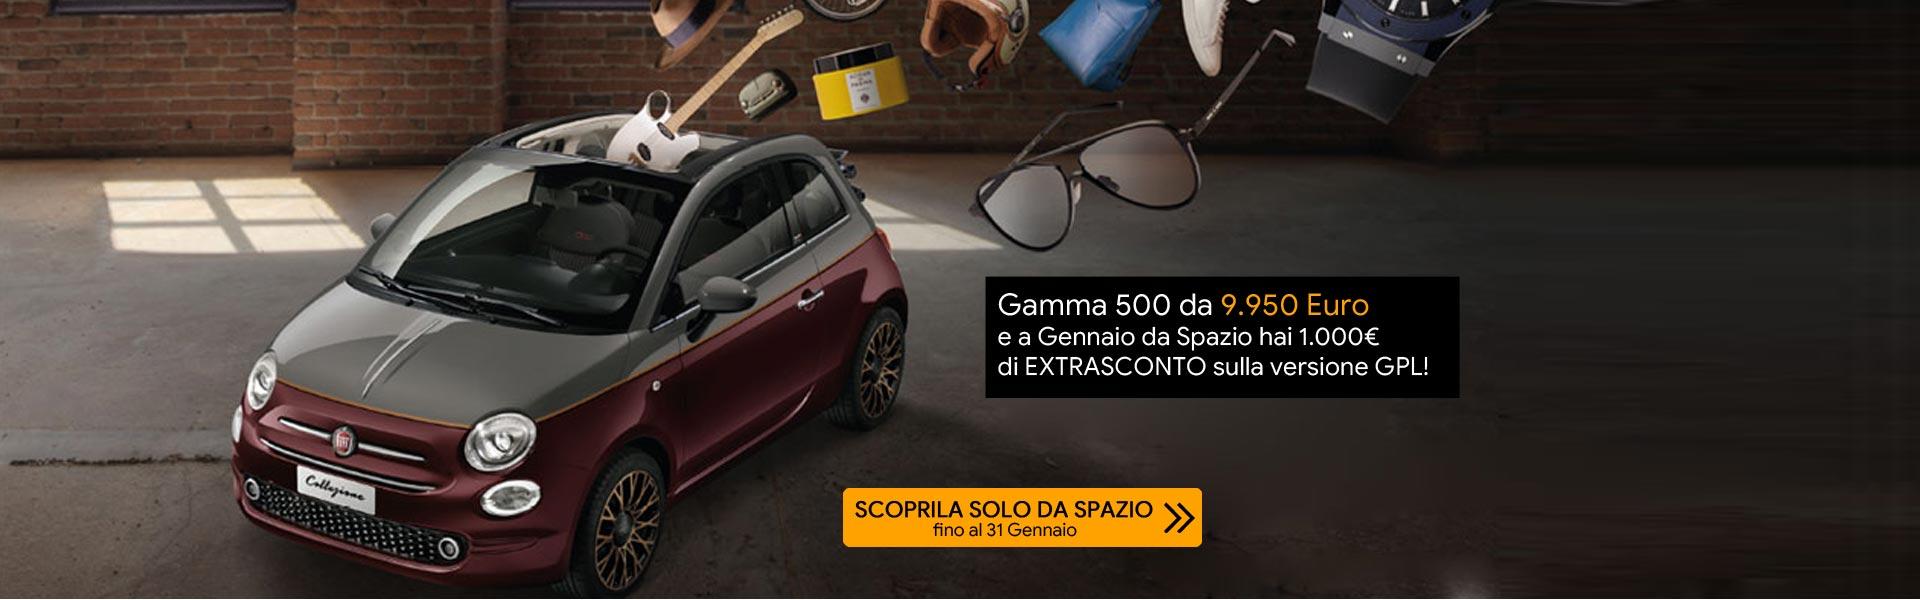 Gamma 500